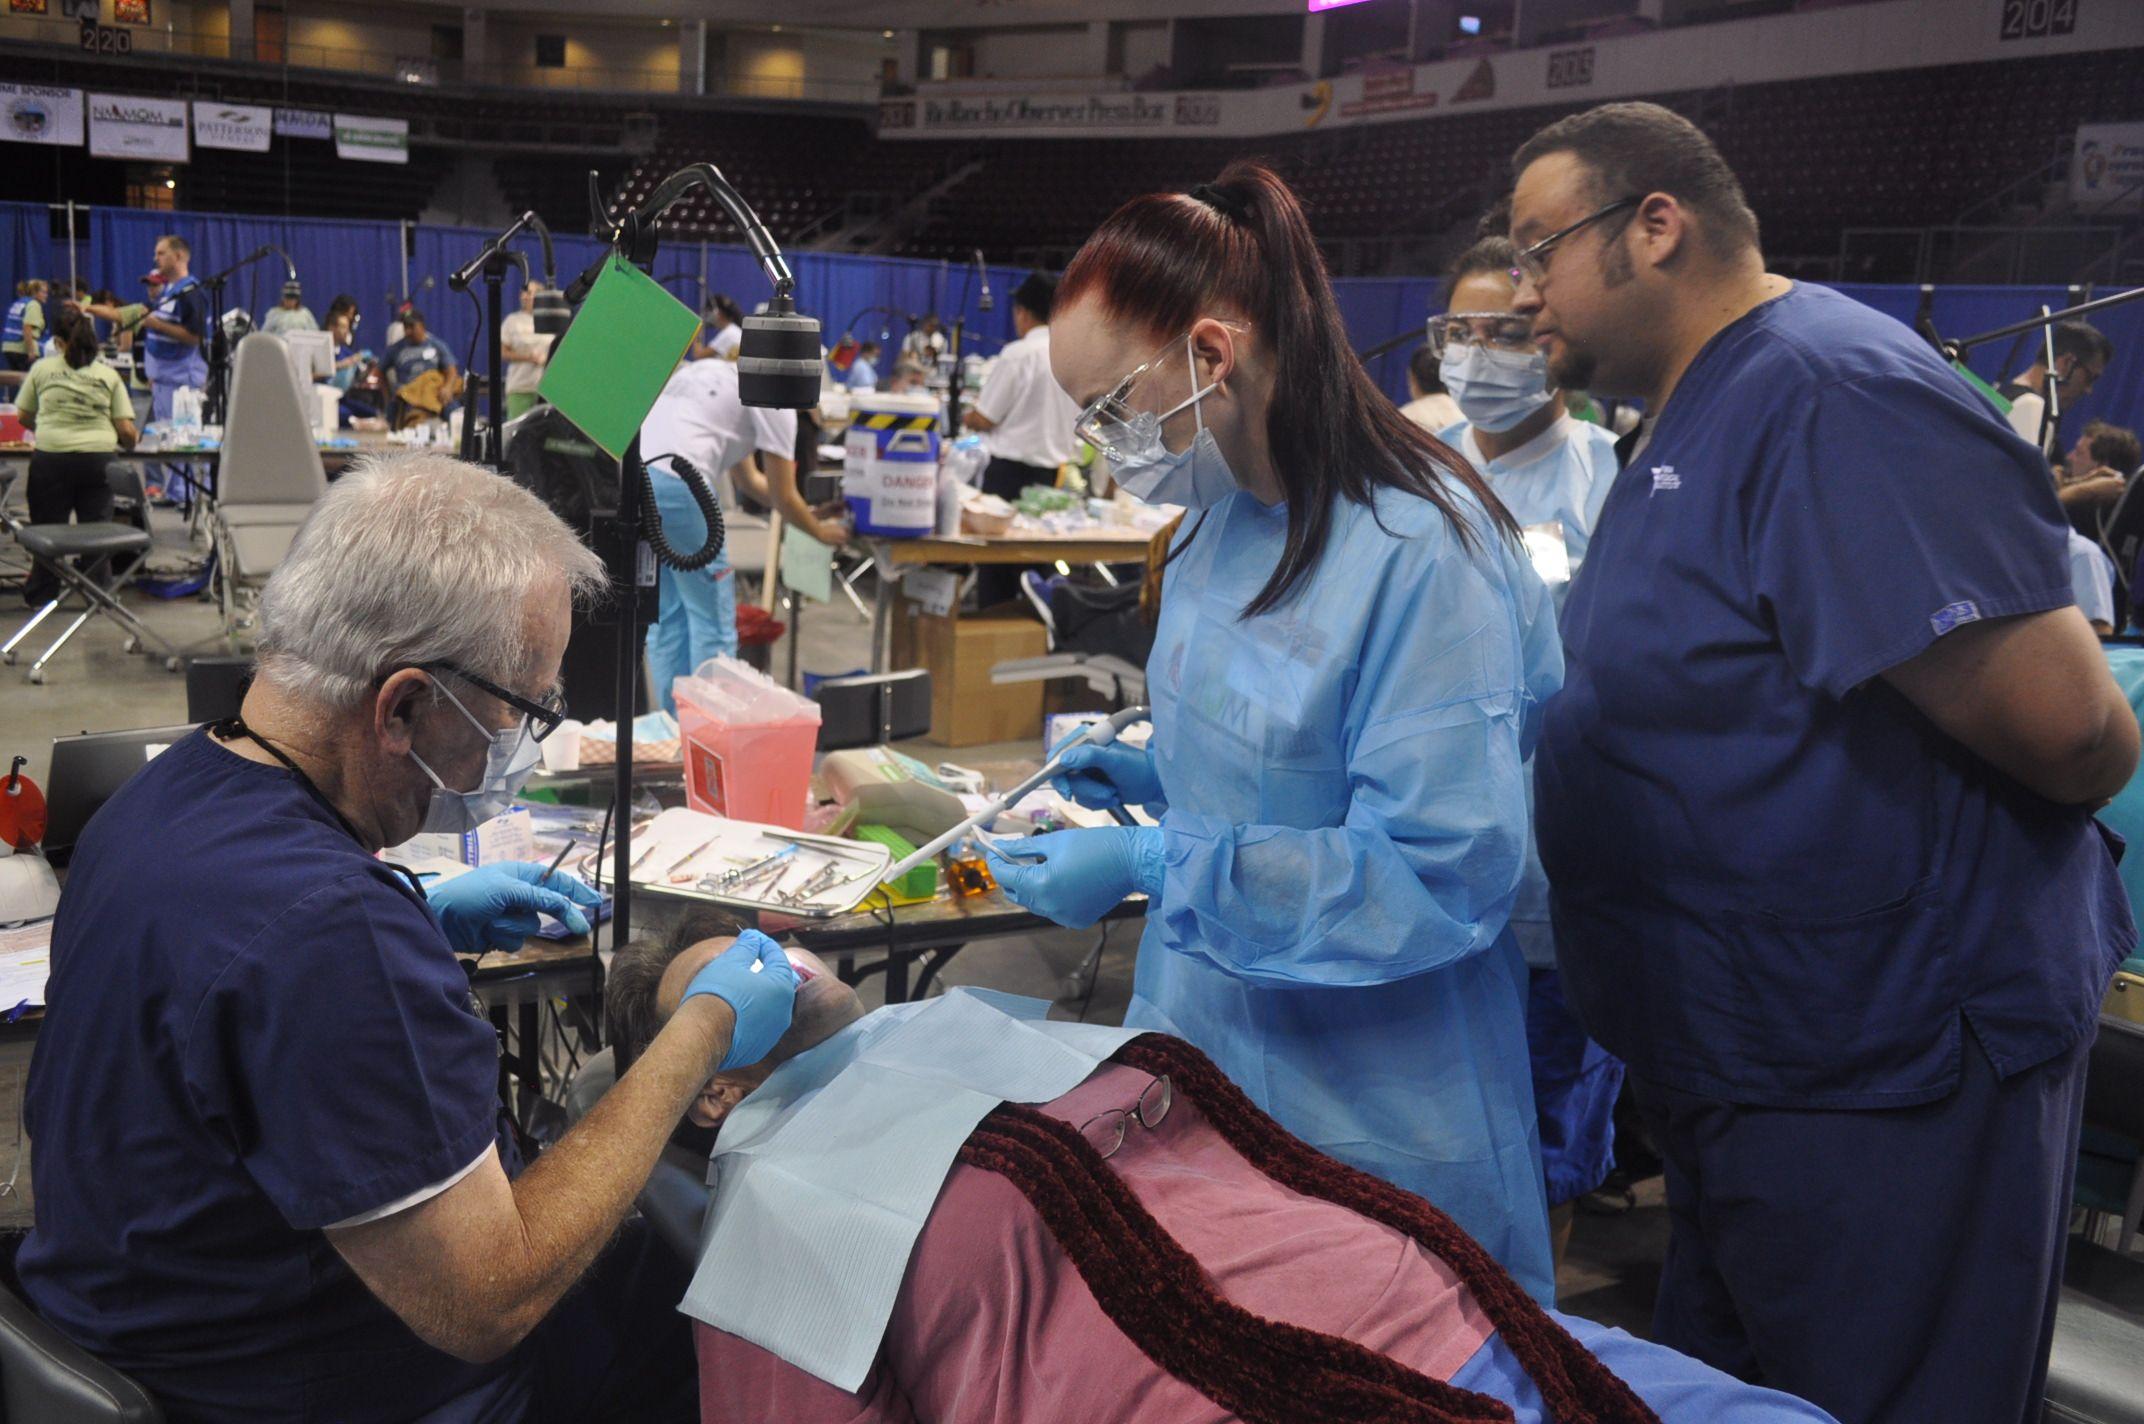 Dental hygiene dental assistant and medical assistant